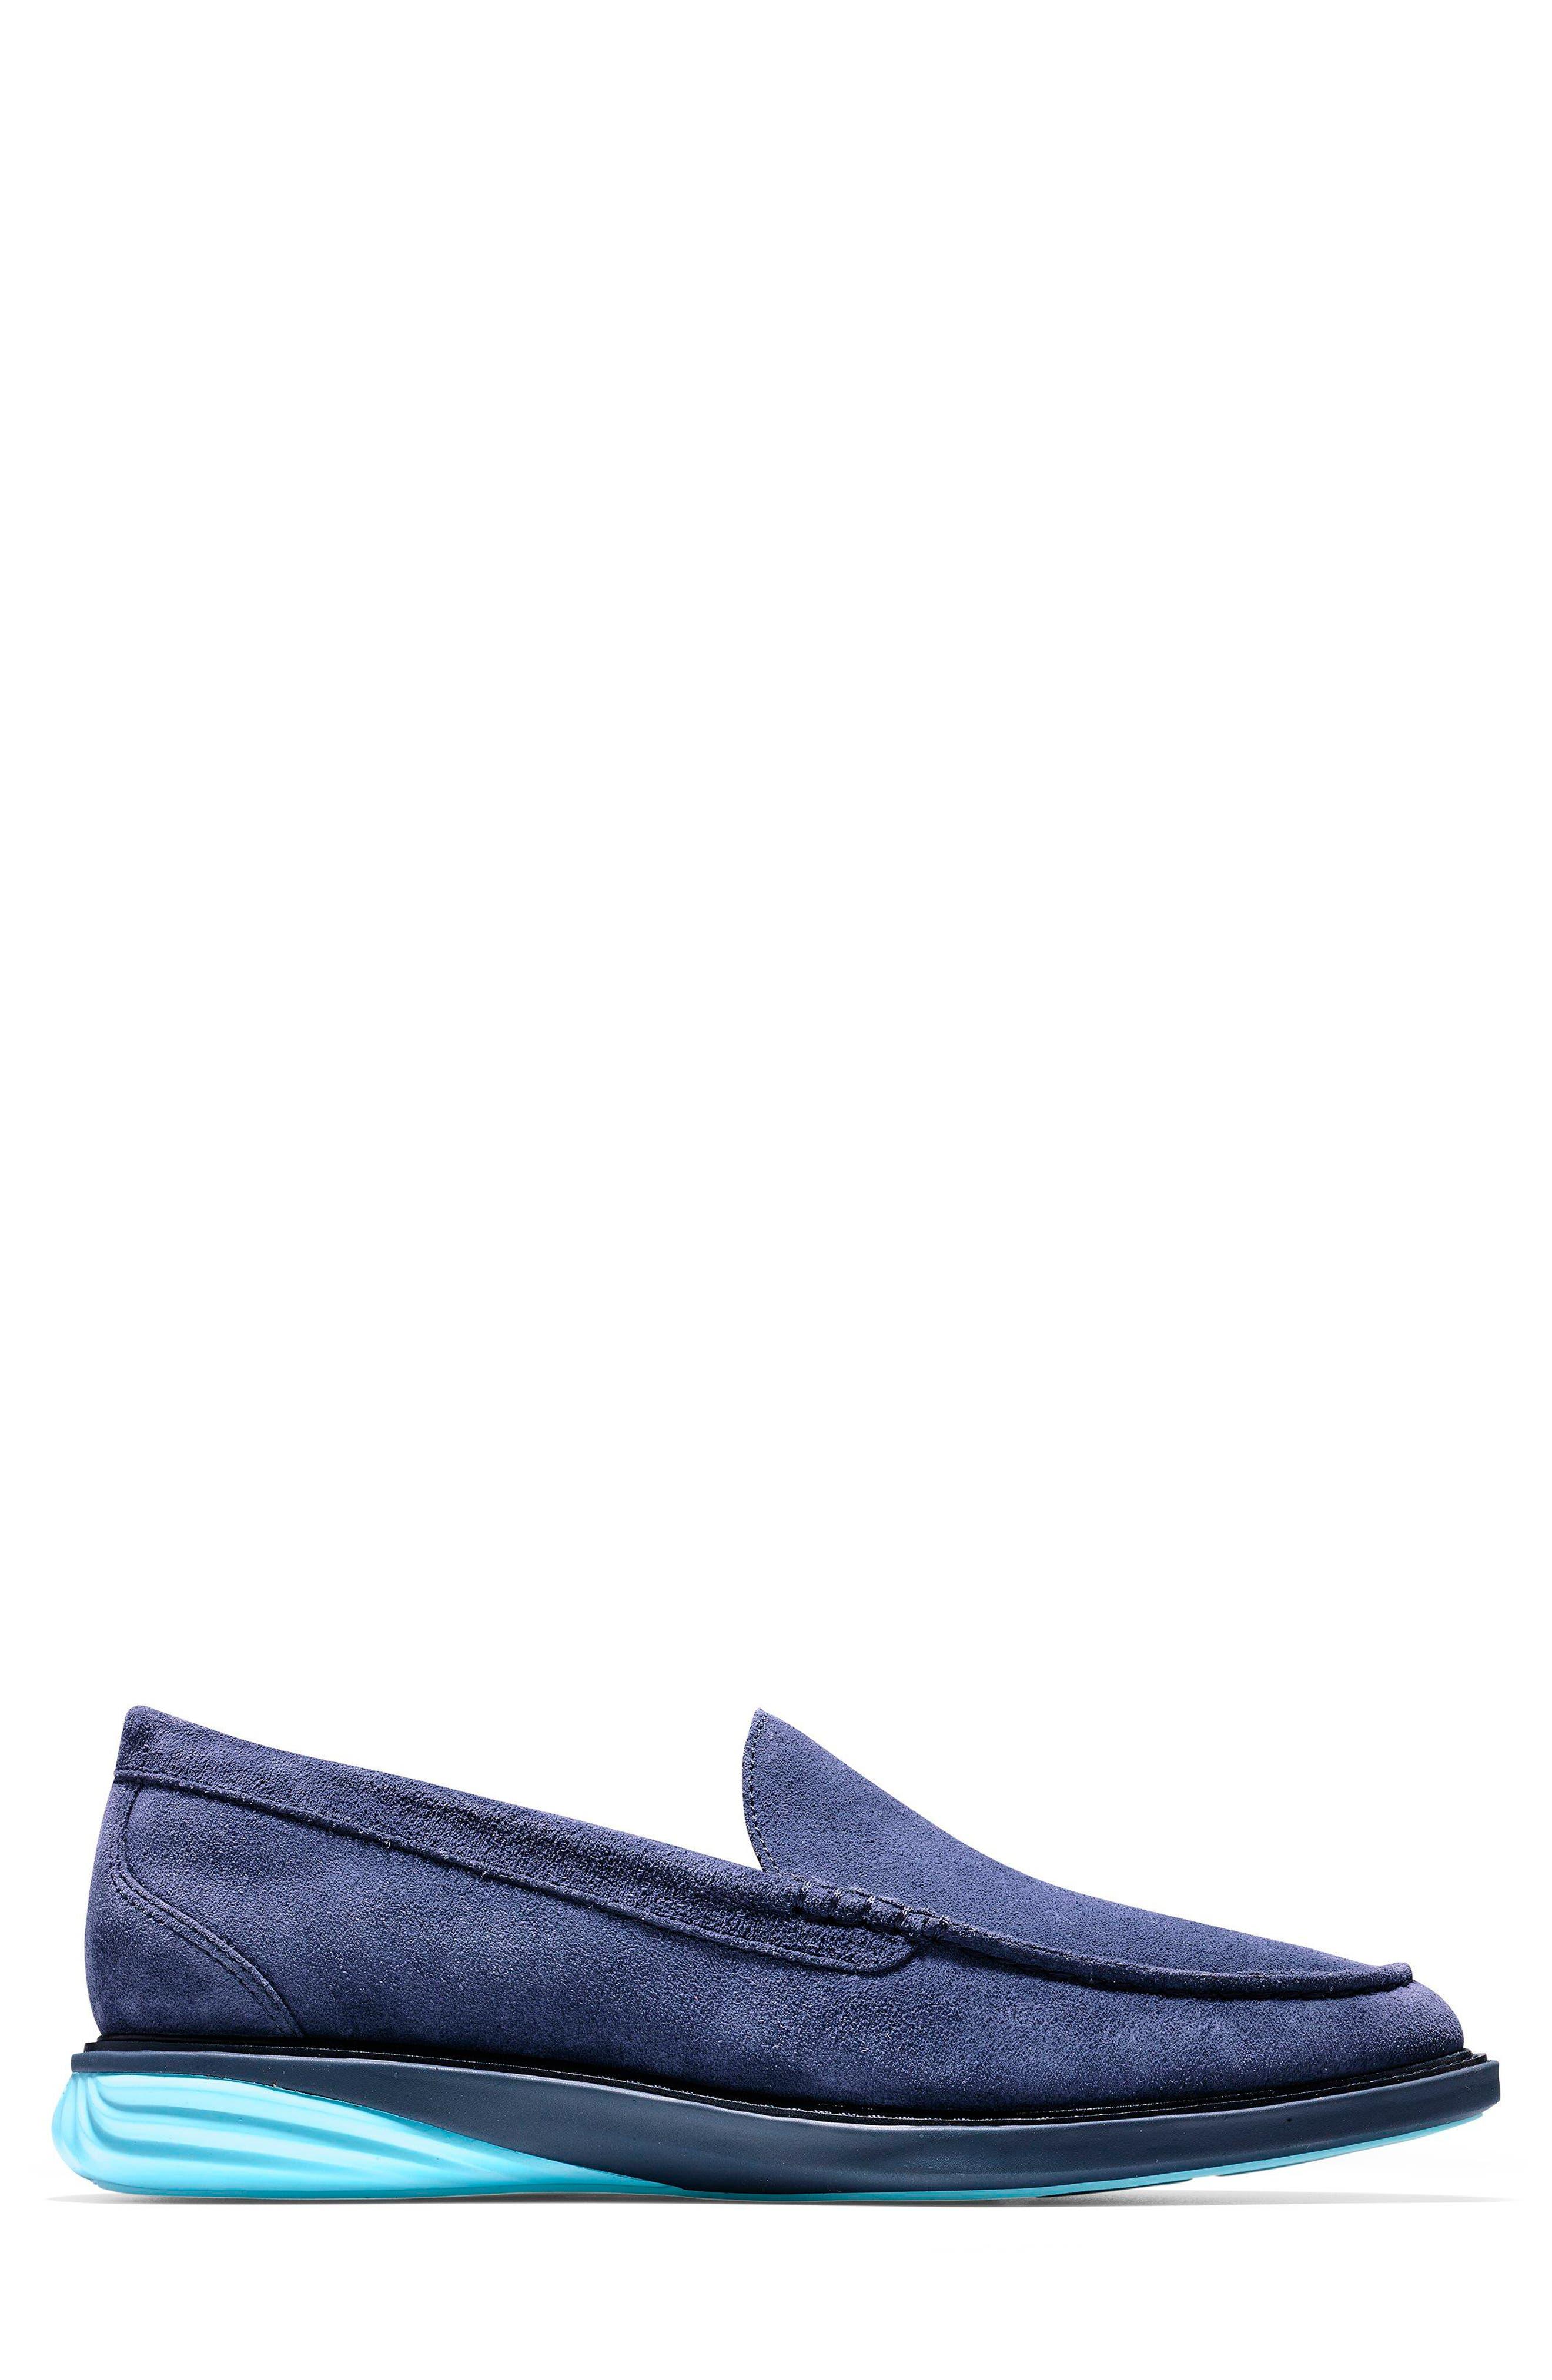 GrandEvølution Venetian Loafer,                             Alternate thumbnail 3, color,                             Marine Blue Suede